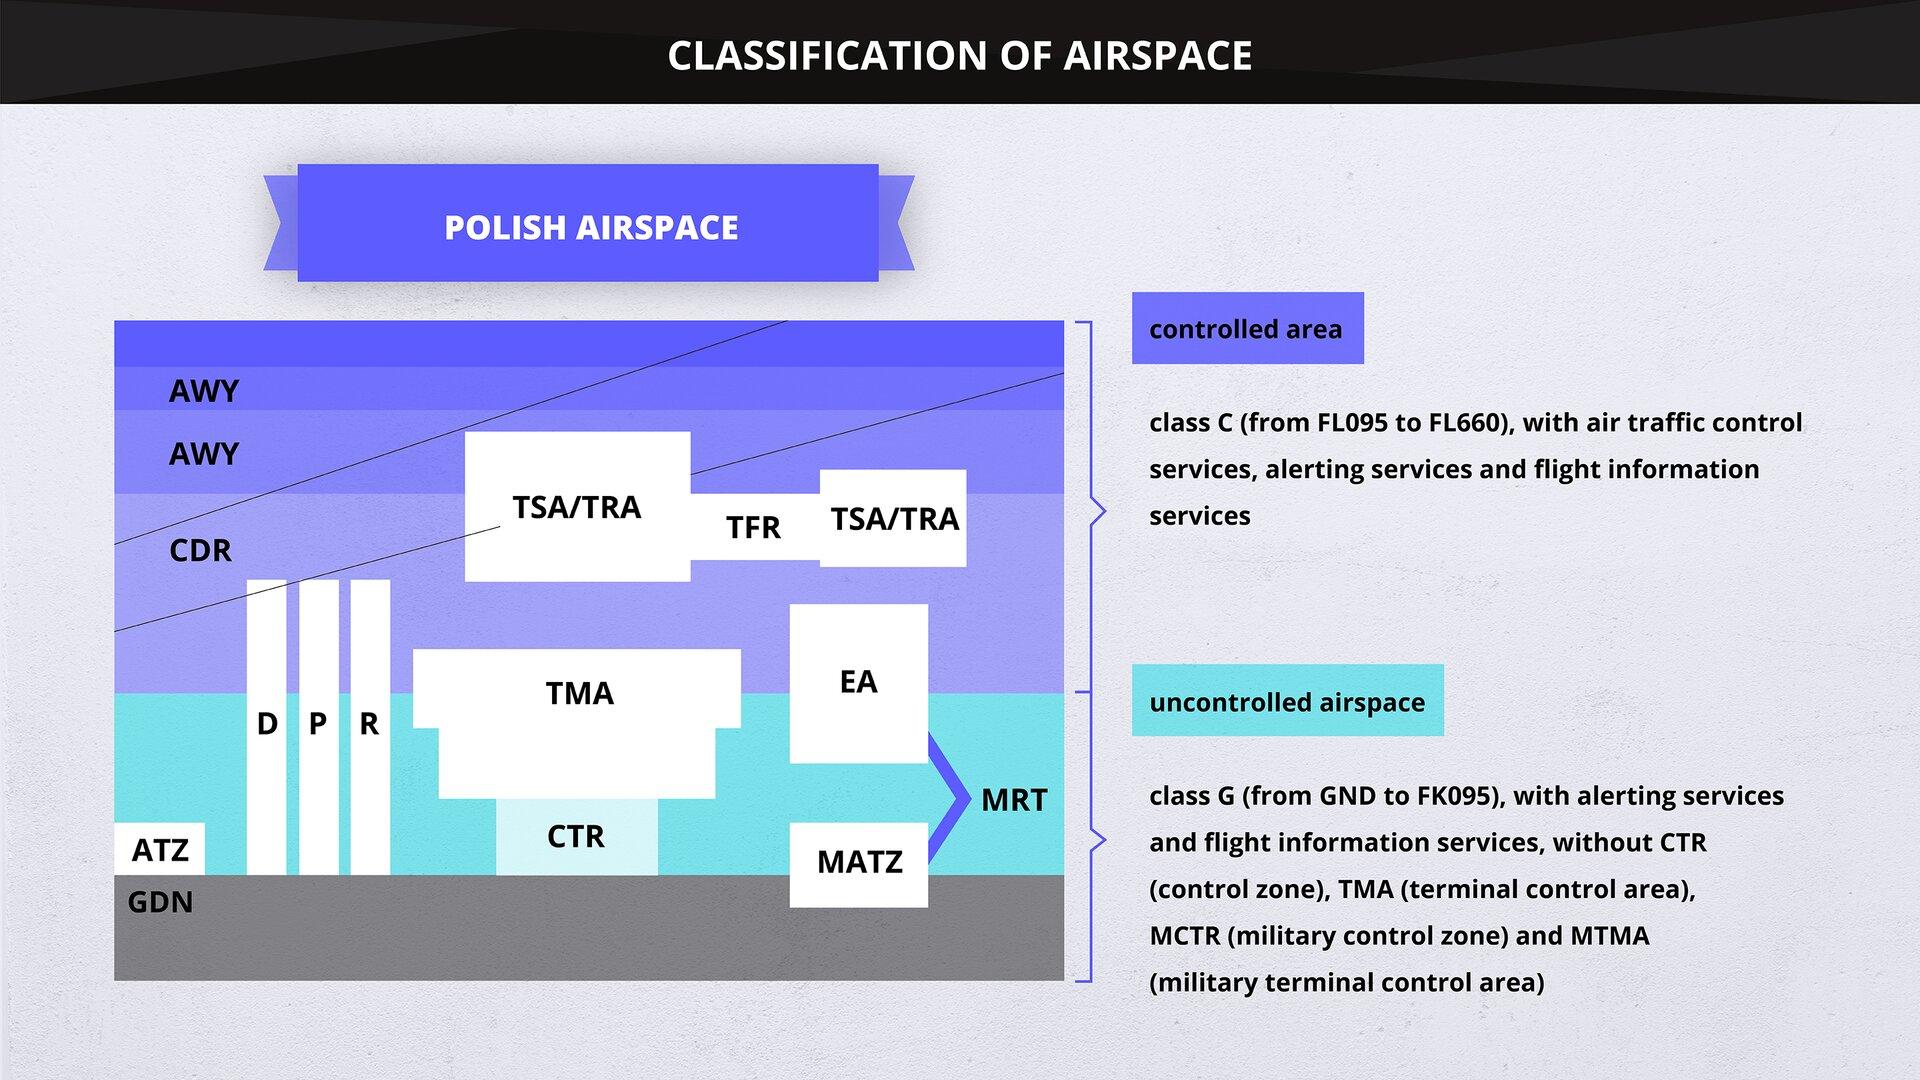 The image presents the classification of the Polish airspace. Grafika przedstawia klasyfikację polskiej przestrzeni powietrznej.